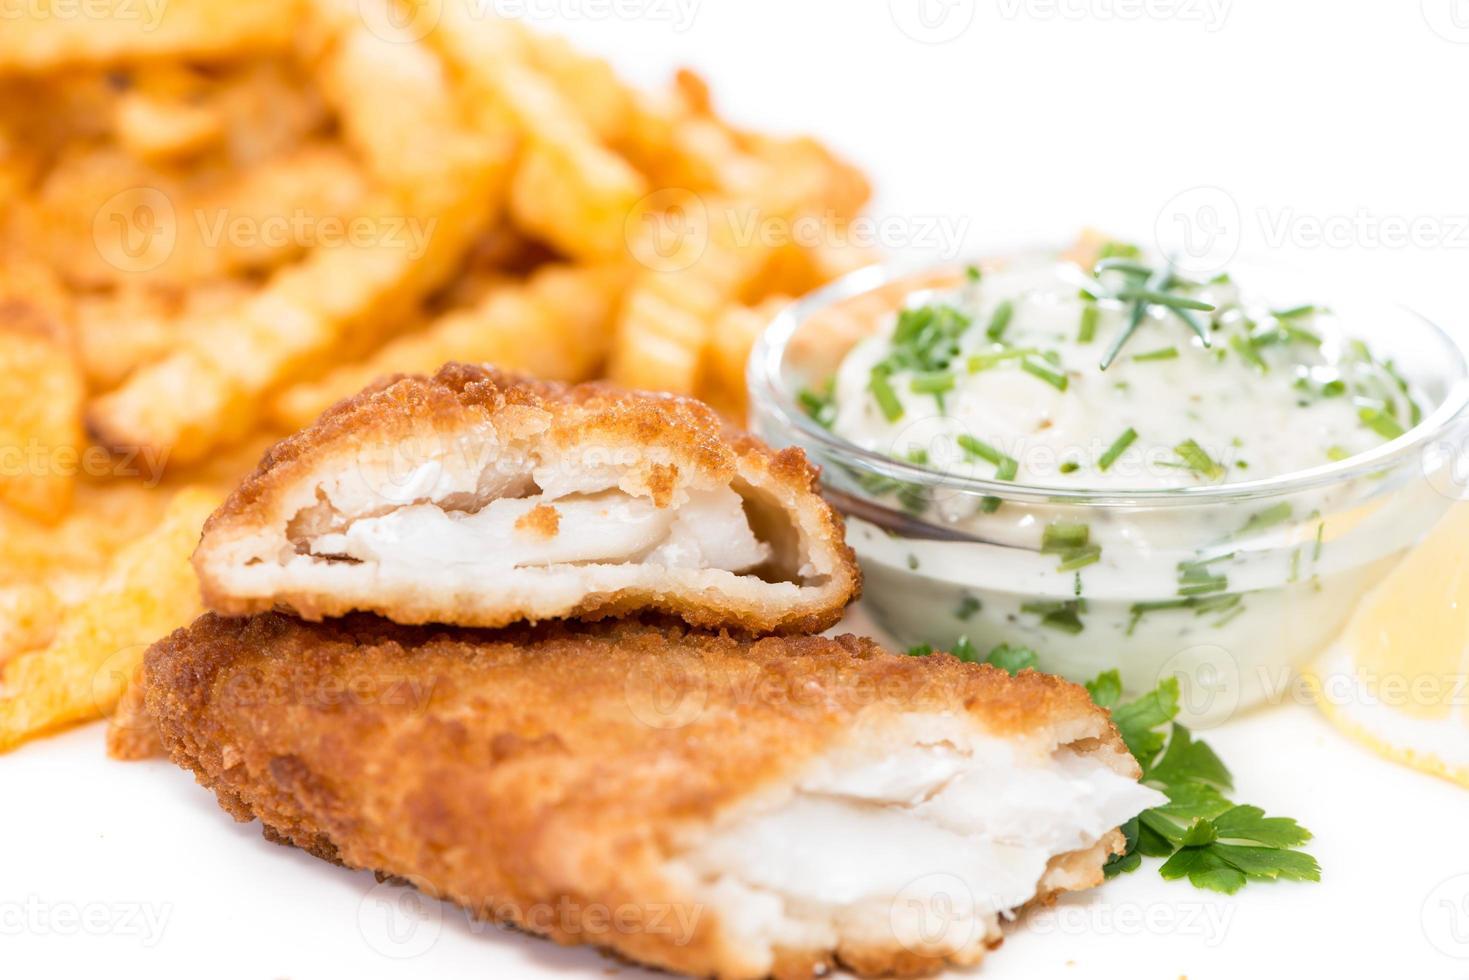 Lachsfilet mit Chips isoliert auf weiß foto